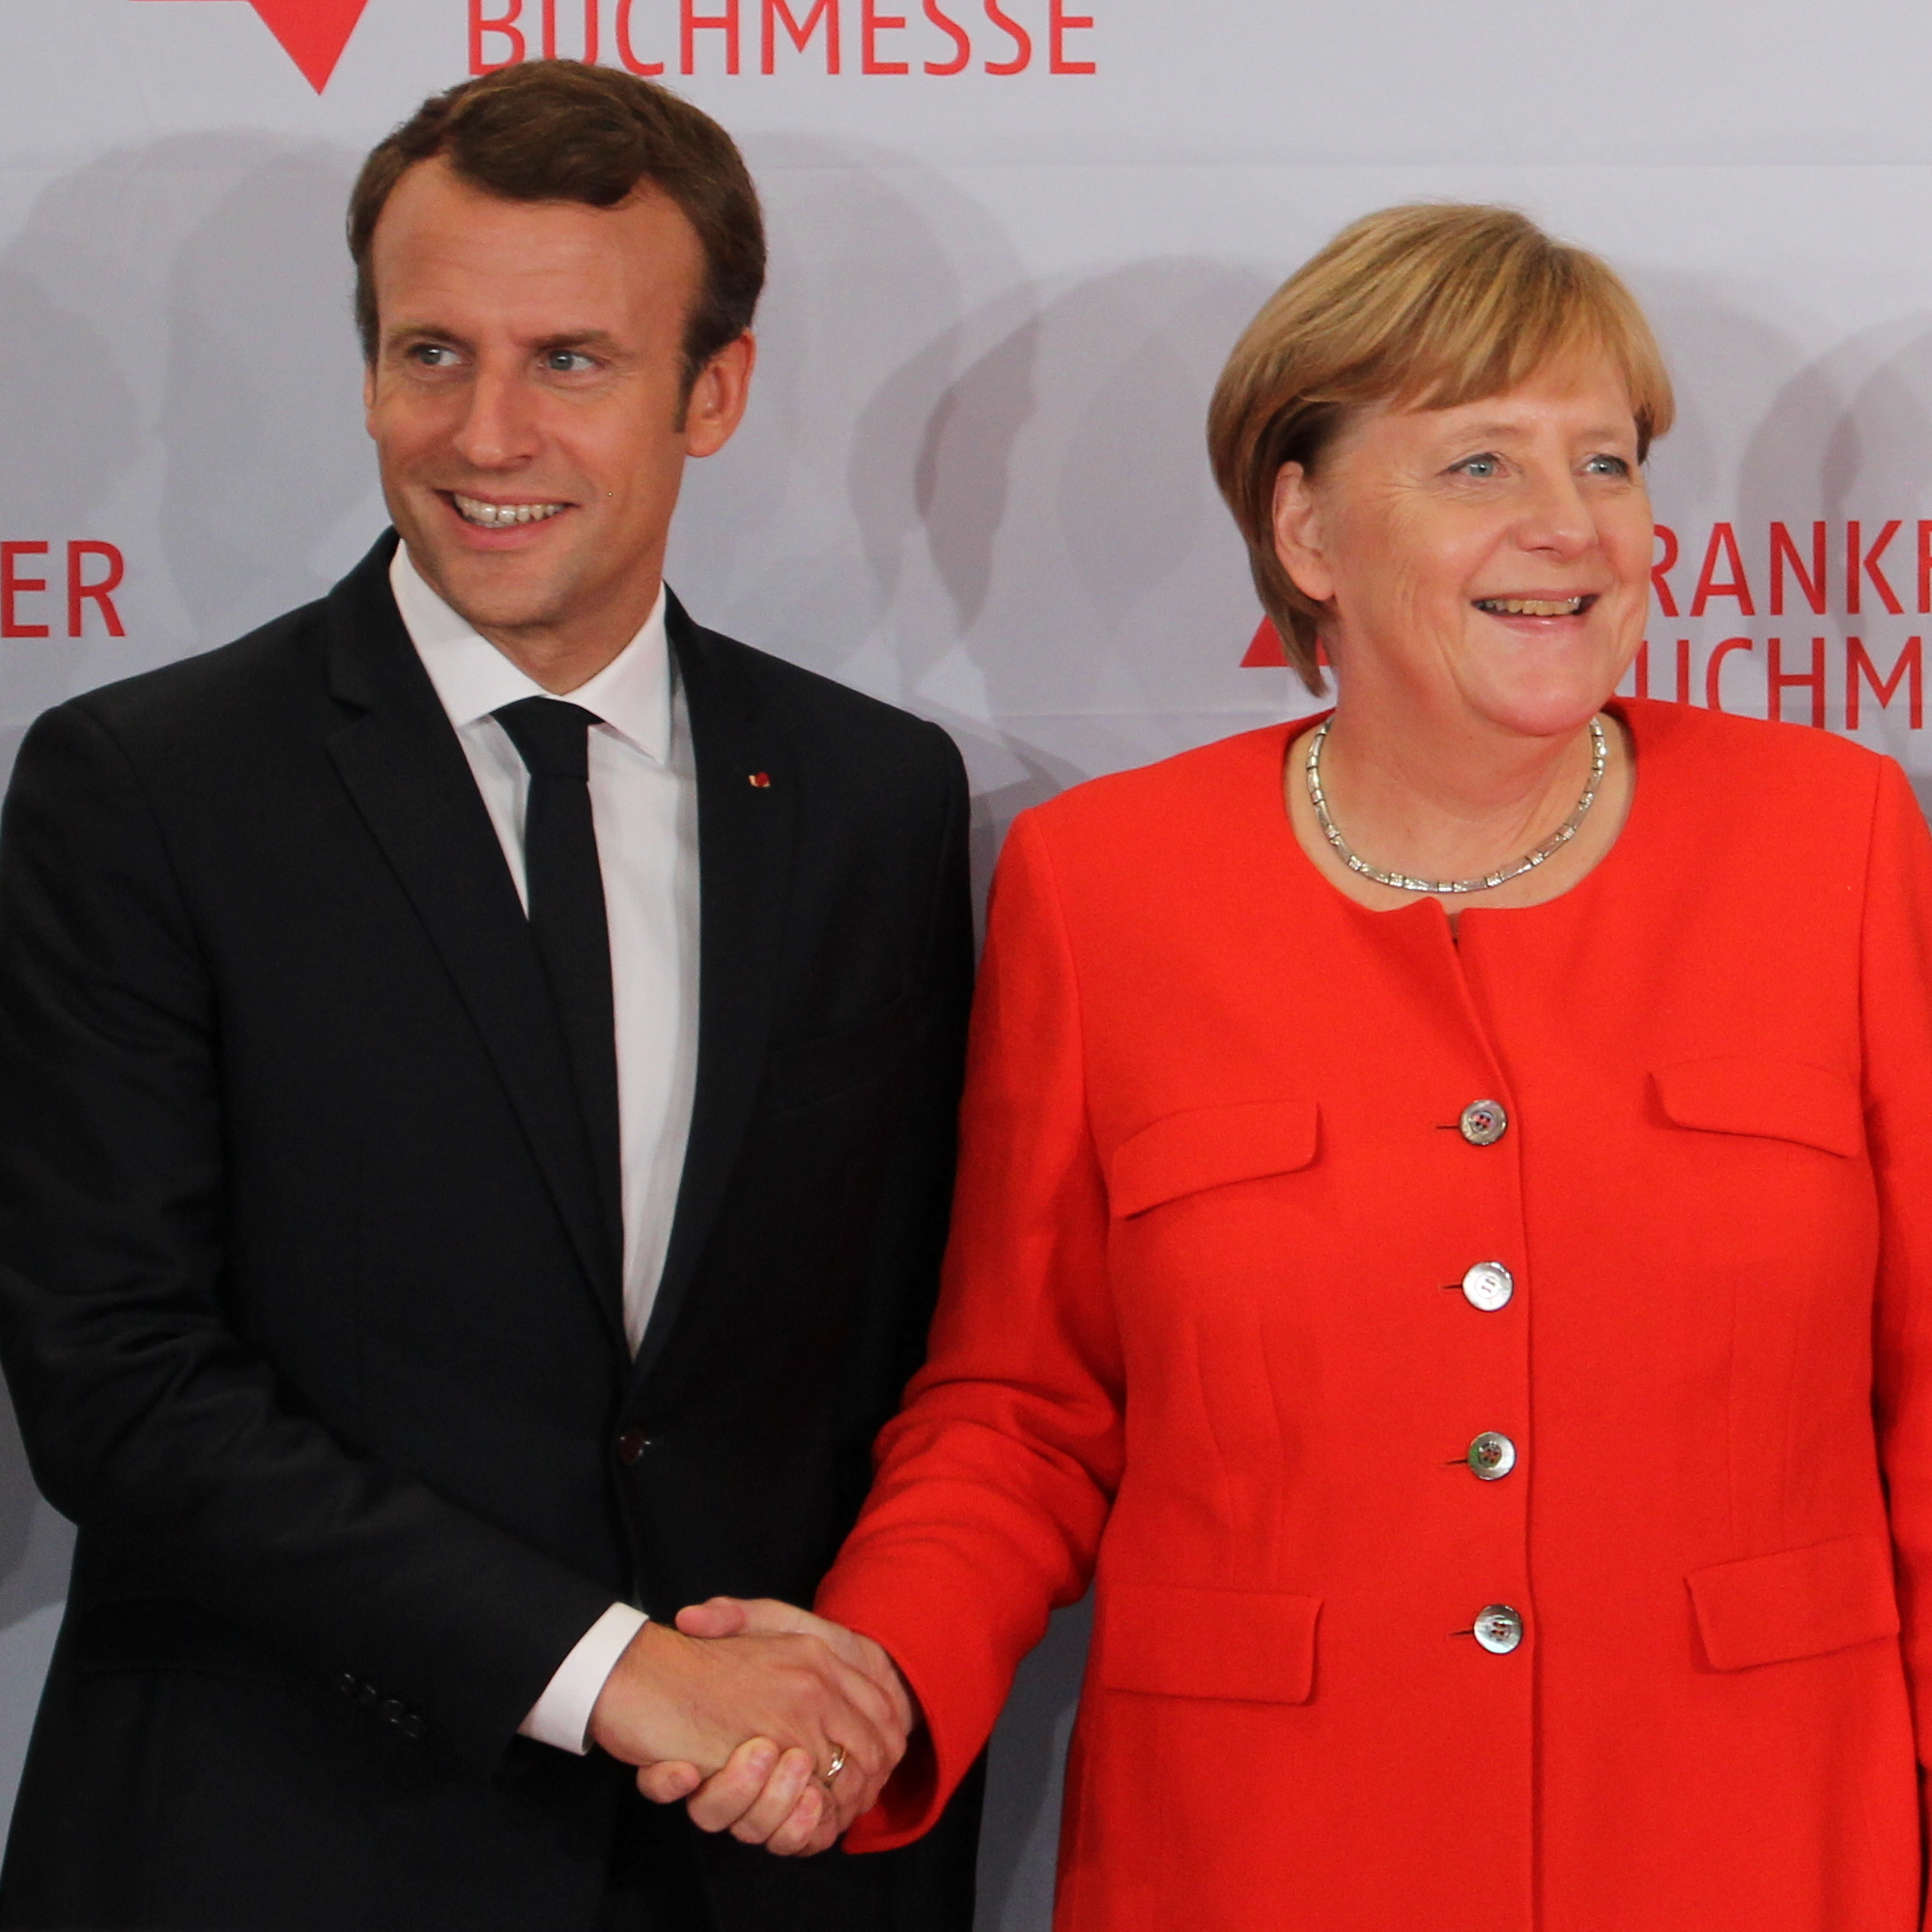 Bildergebnis für Wikimedia Commons Bilder Macron